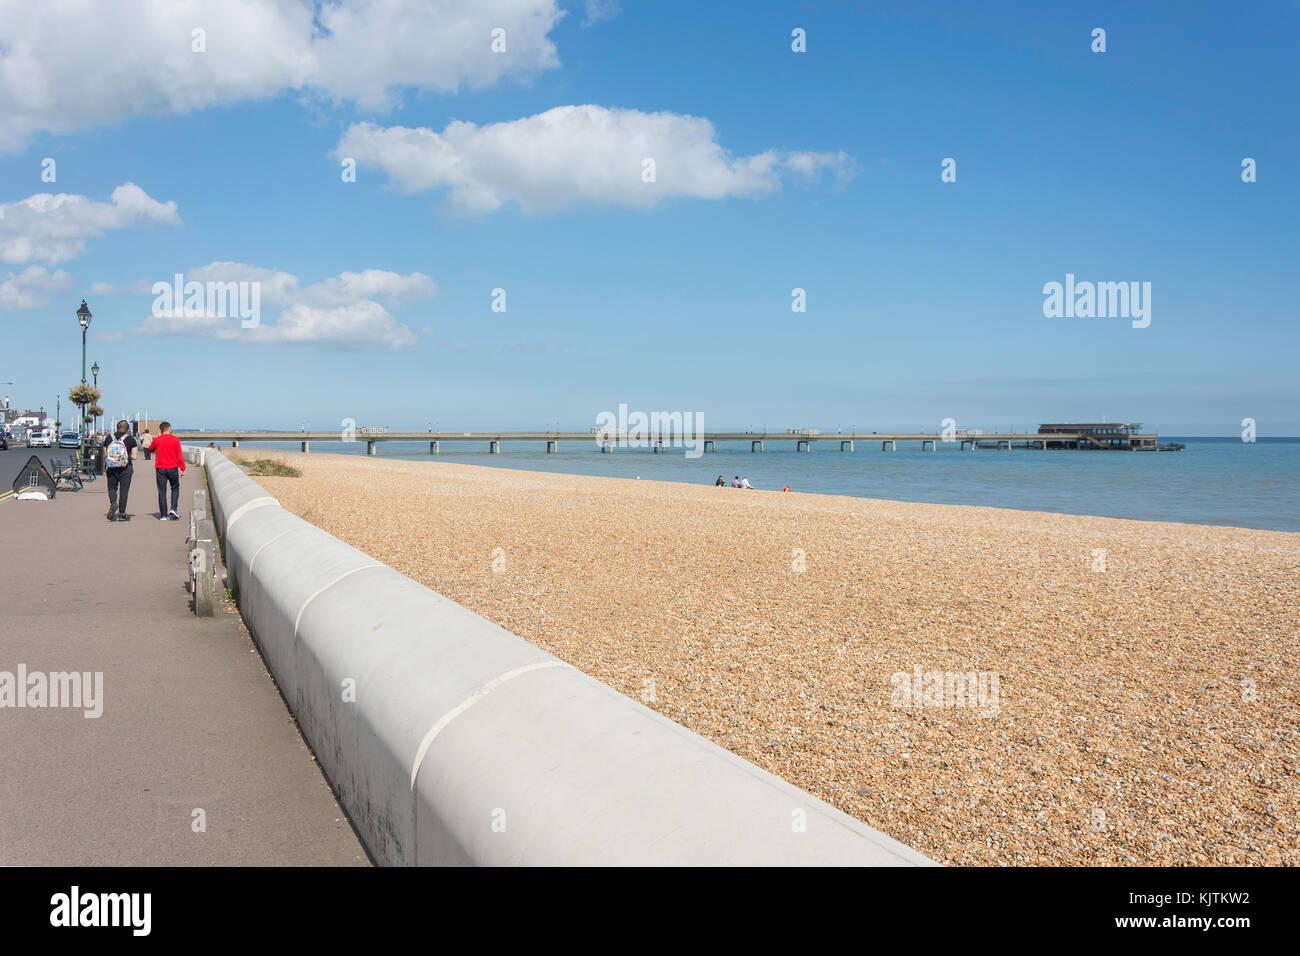 La playa y el muelle de promenade, tratar, Kent, Inglaterra, Reino Unido Imagen De Stock